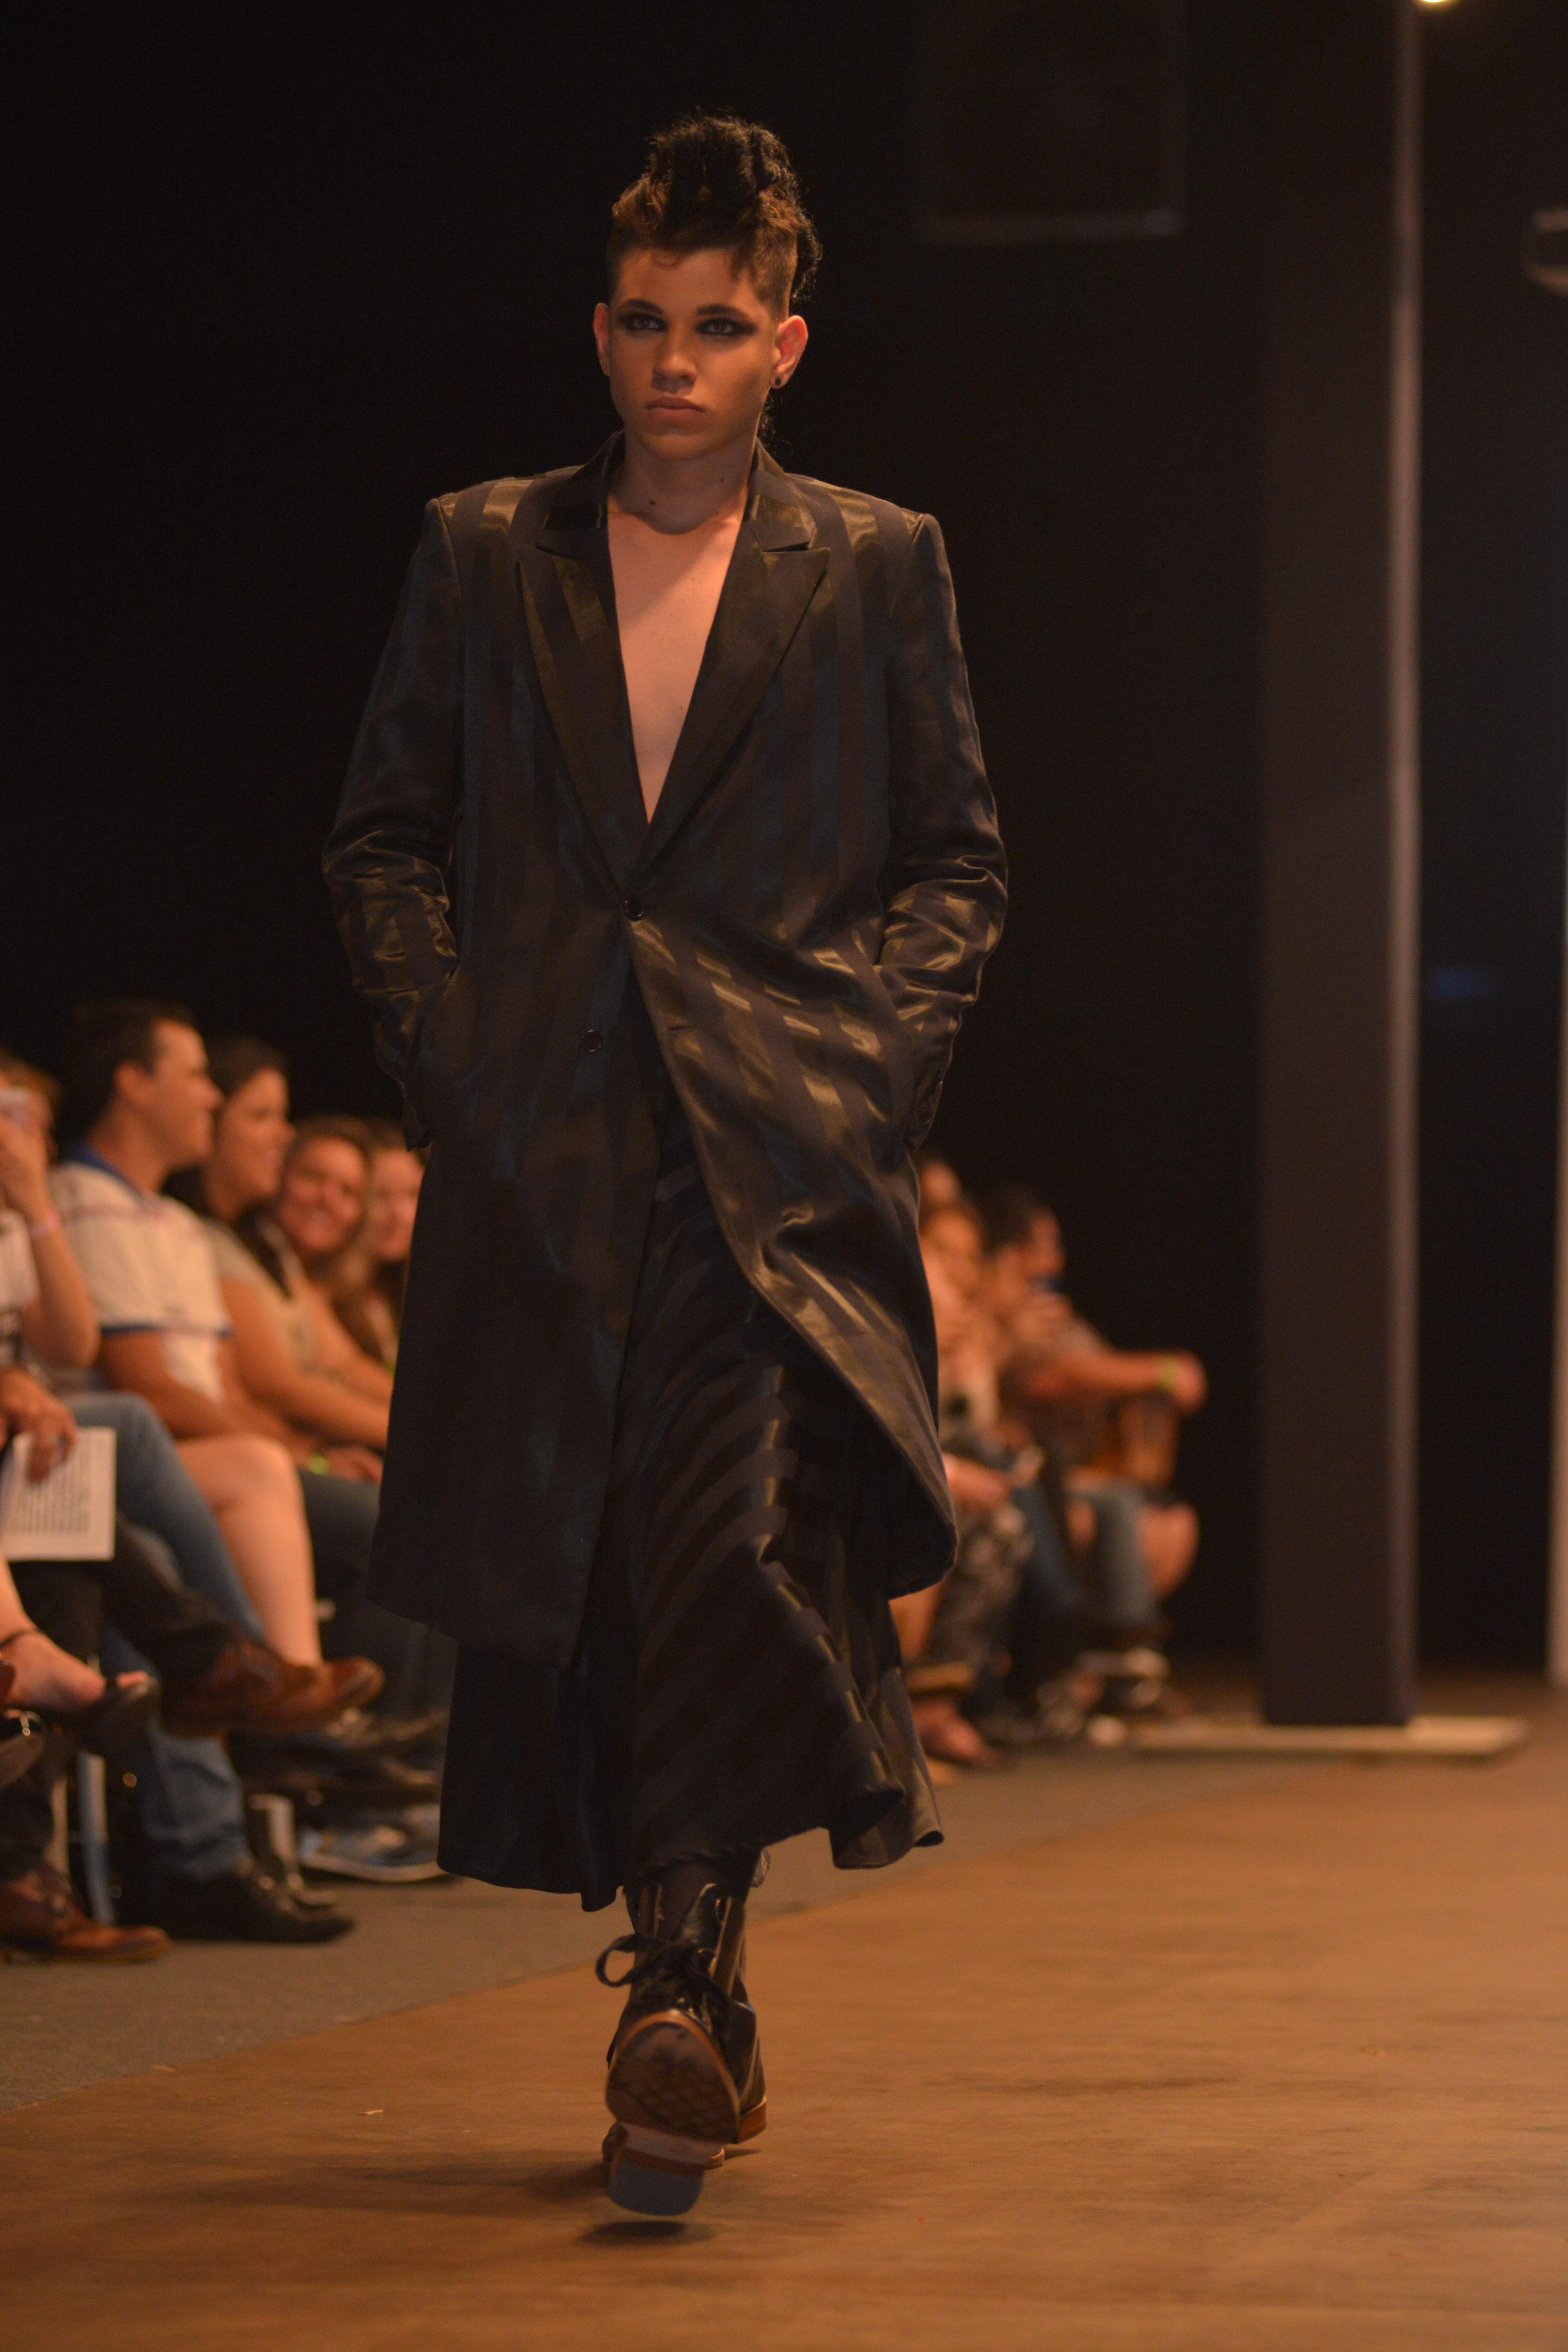 joao-pimenta-colecao-joao-pimenta-inverno-2017-moda-masculina-menswear-blog-de-moda-blogger-ifa-interior-fashion-arts-mens-20